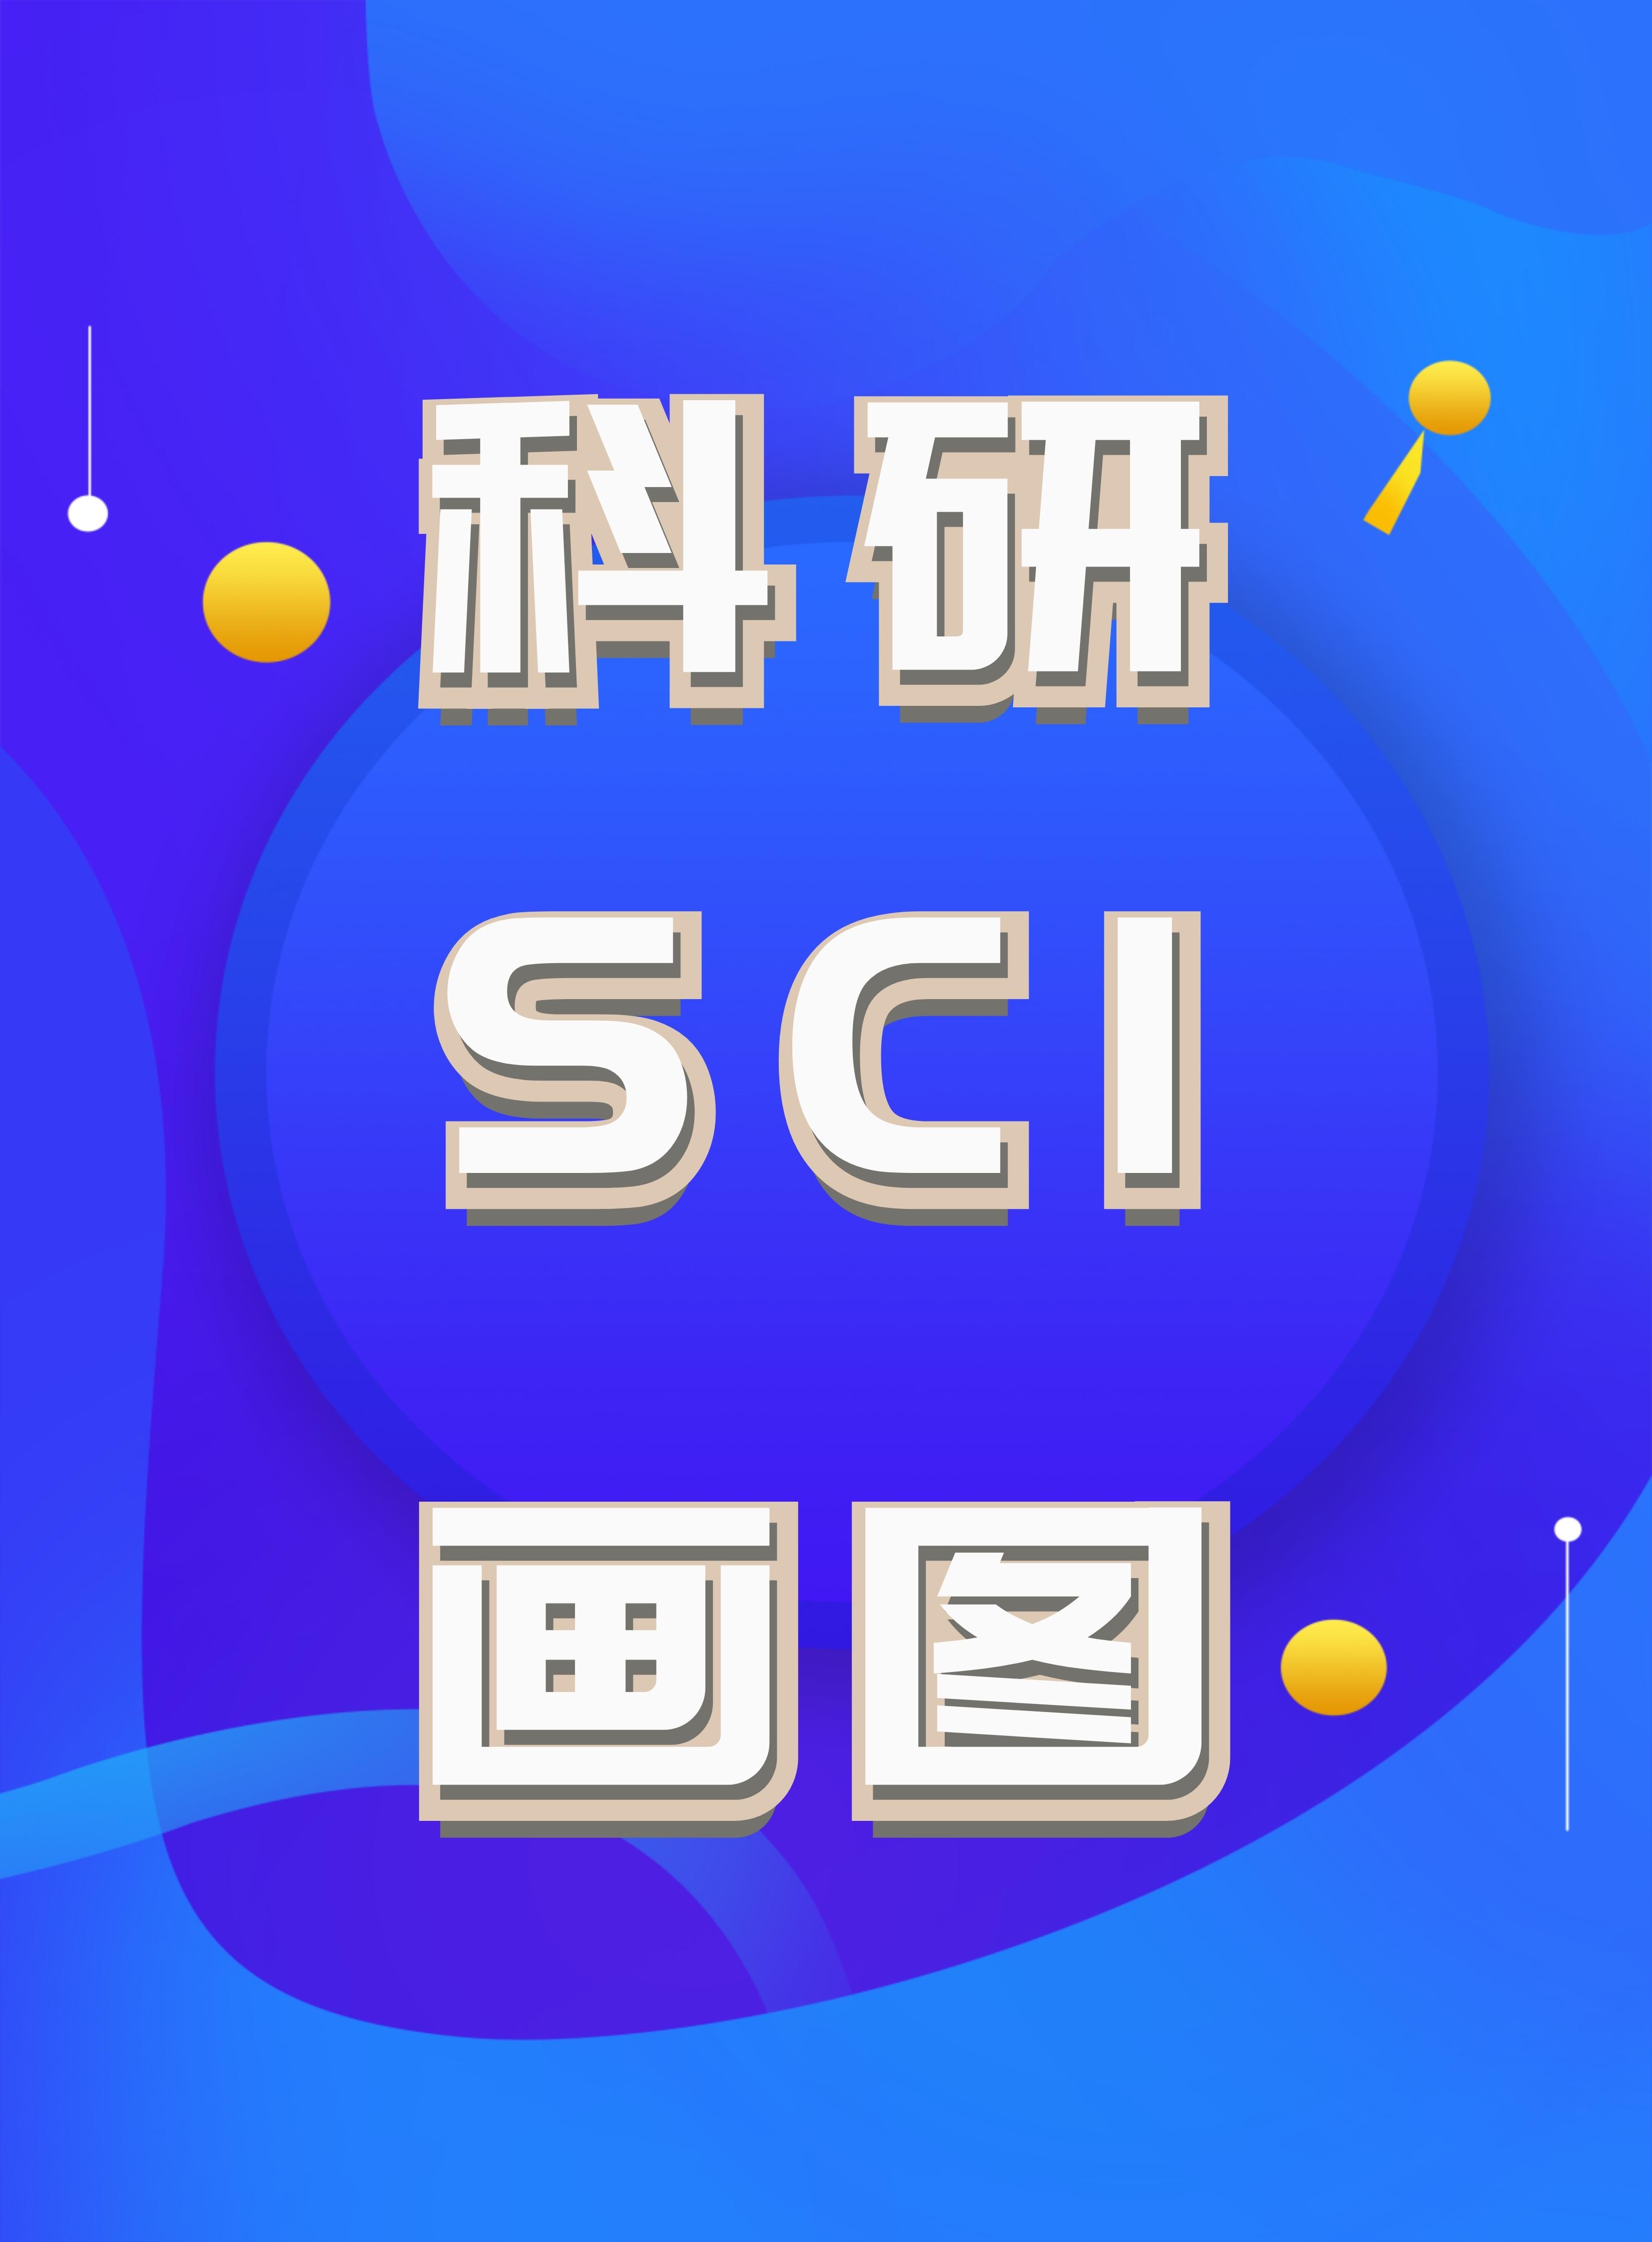 【生物医学】科研作图 SCI绘图 期刊封面 流程图 通路图 示意图